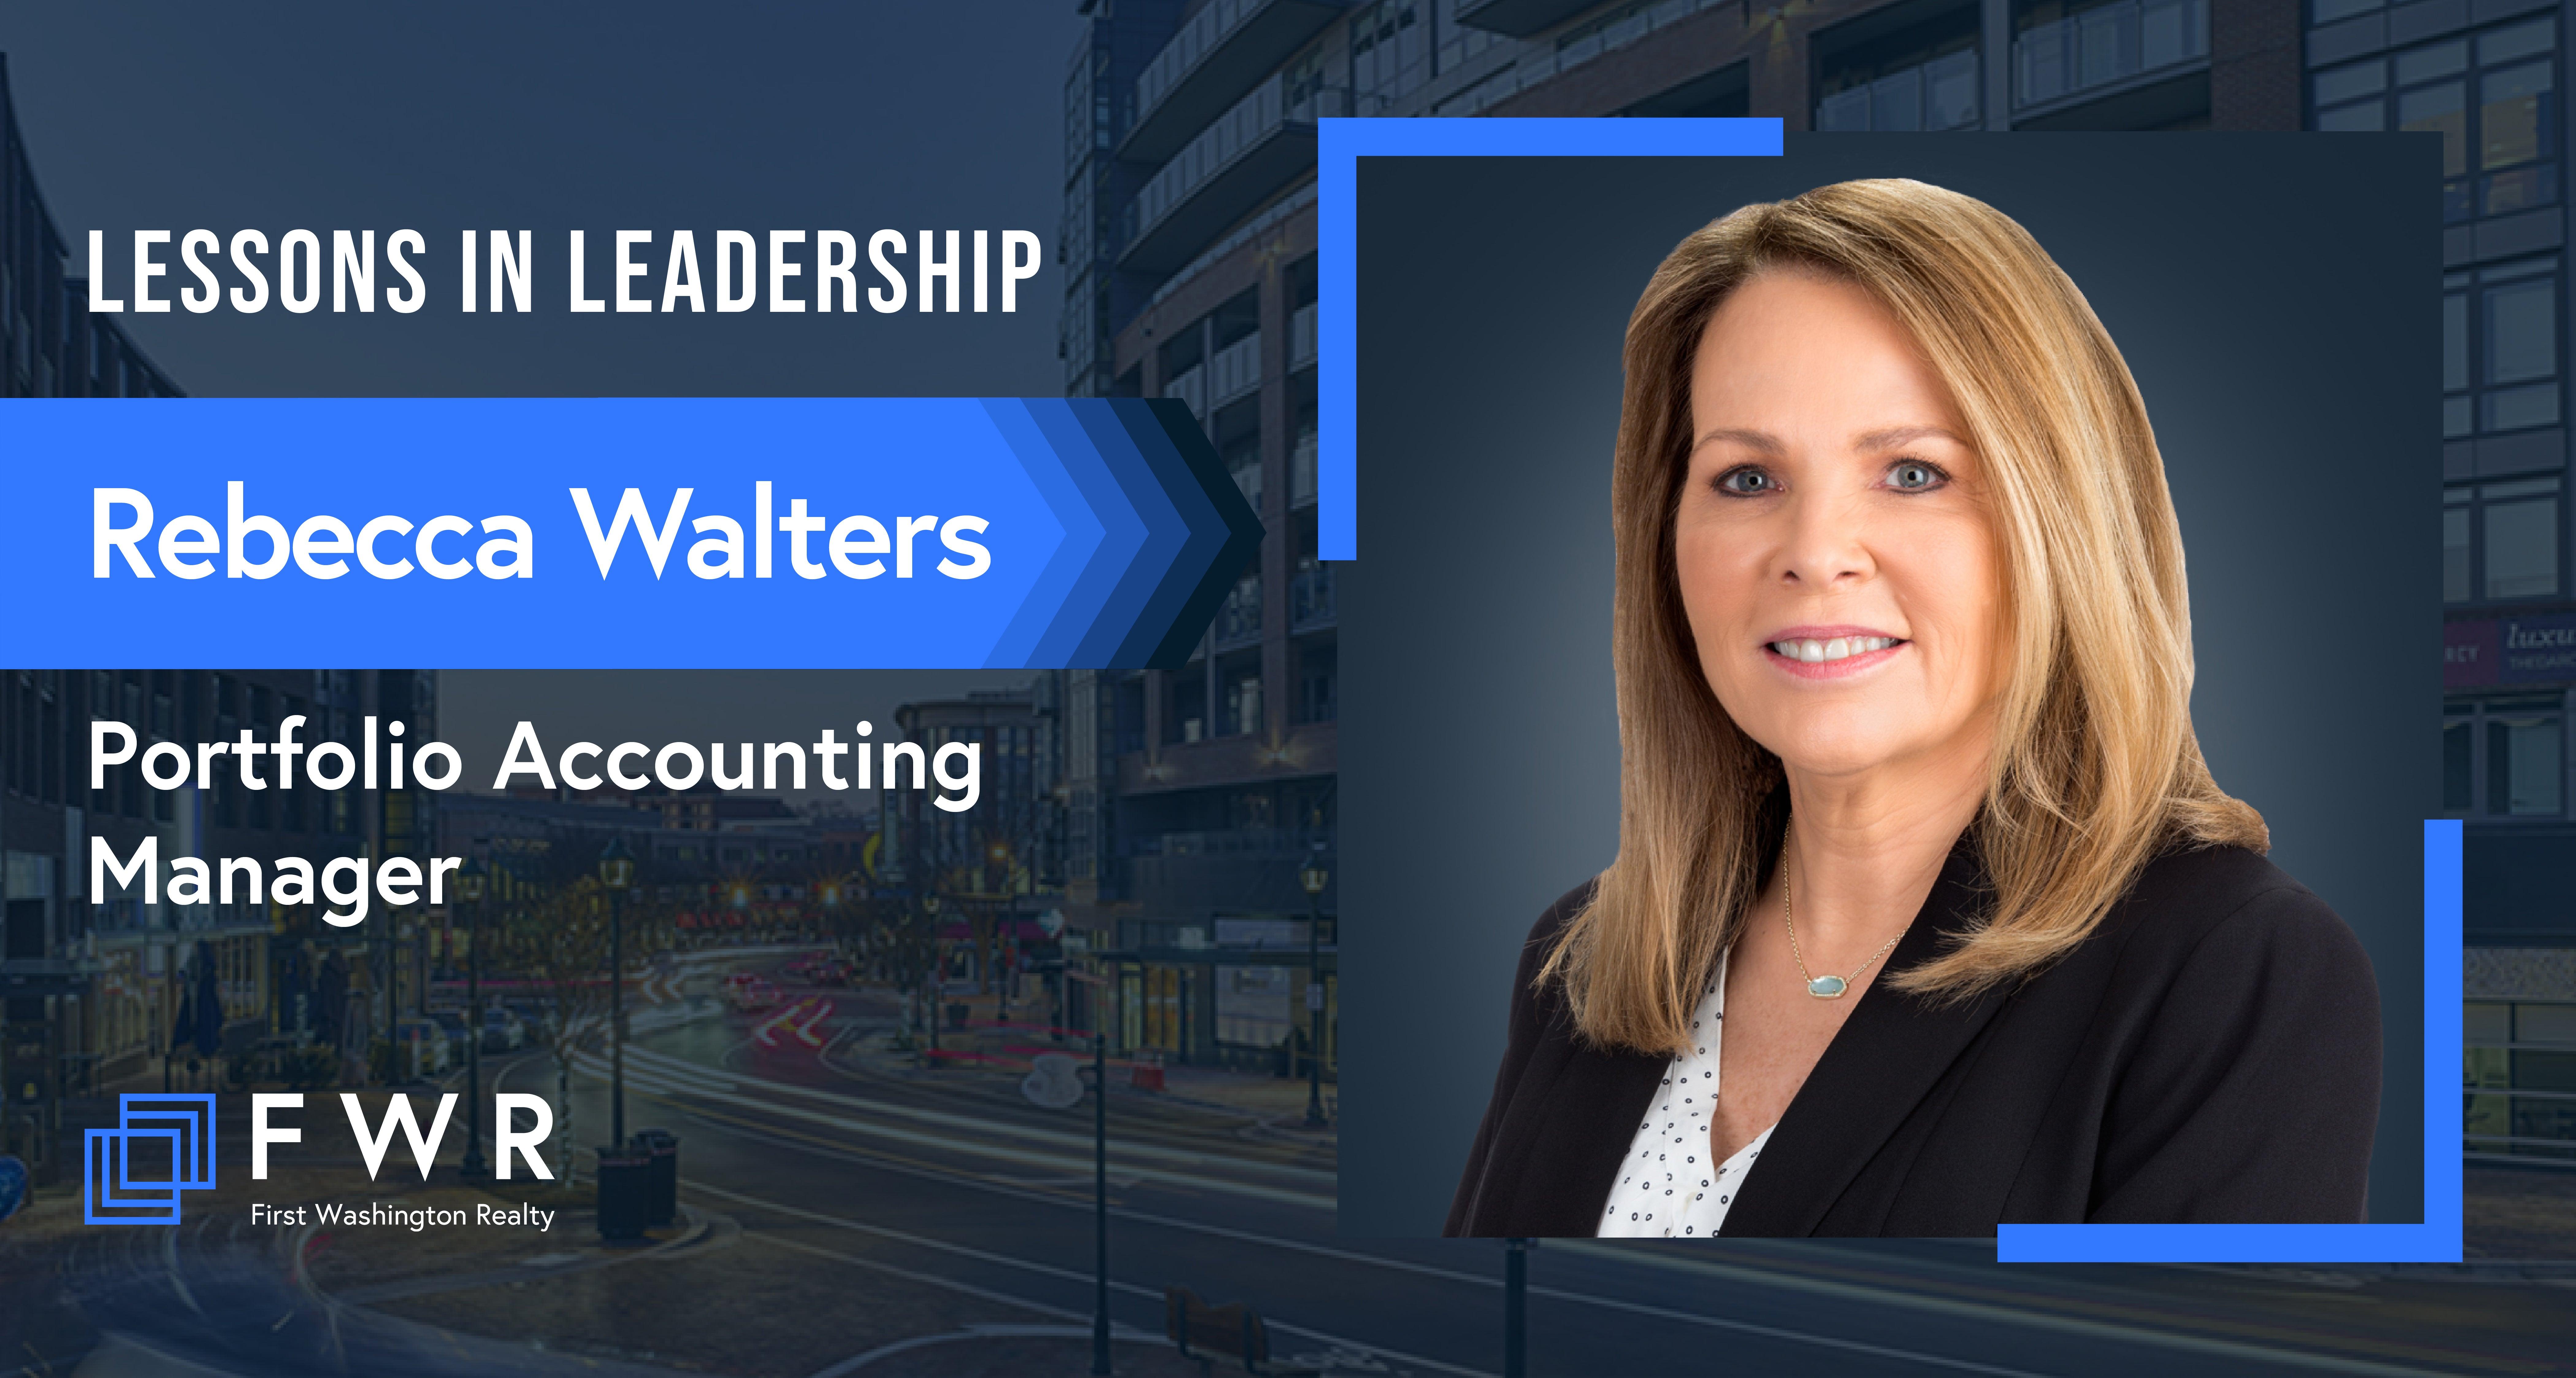 Employee Spotlight: Rebecca Walters